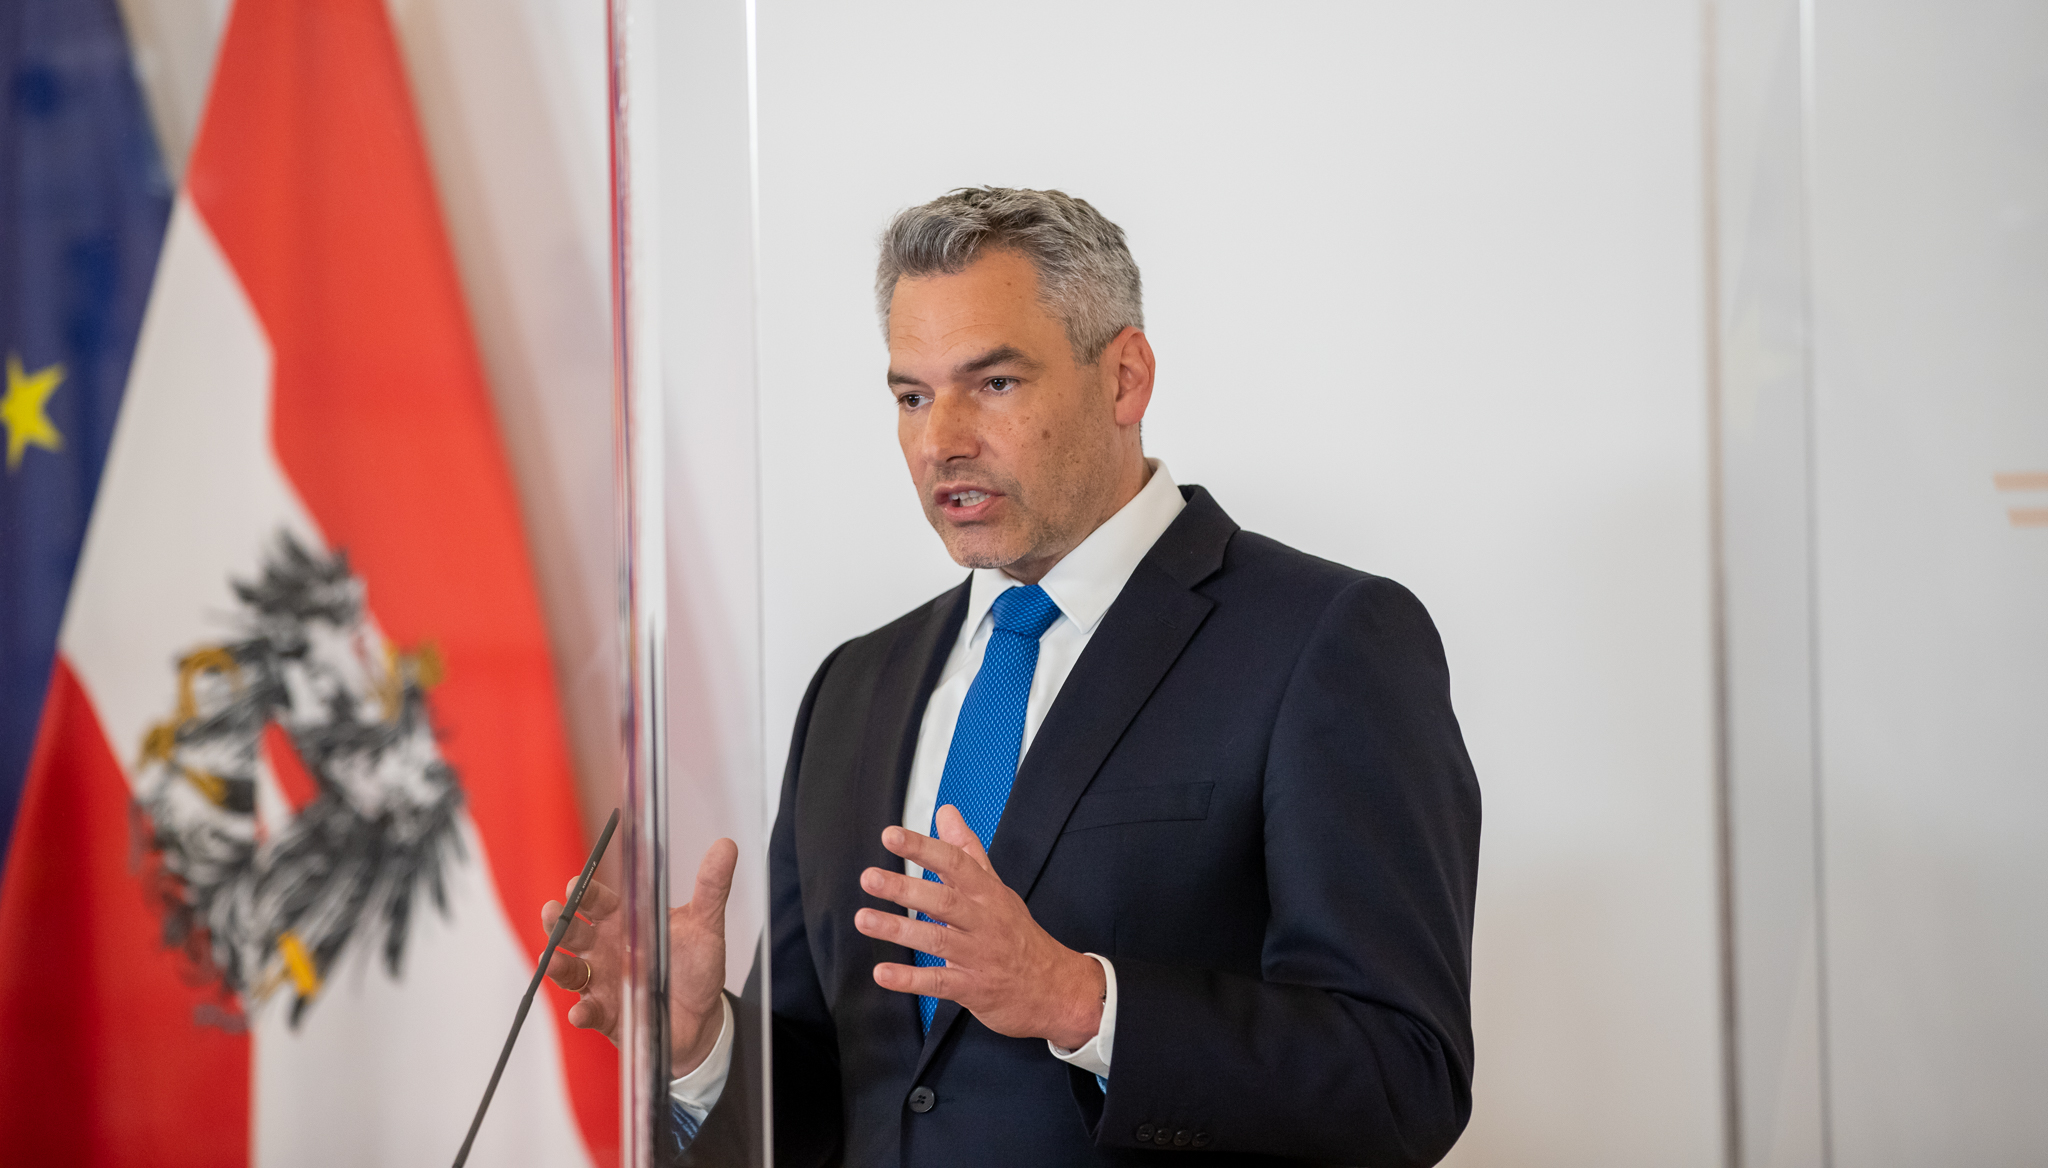 Unatoč napredovanju talibana: Austrija i dalje deportira Afganistance koji nisu dobili azil